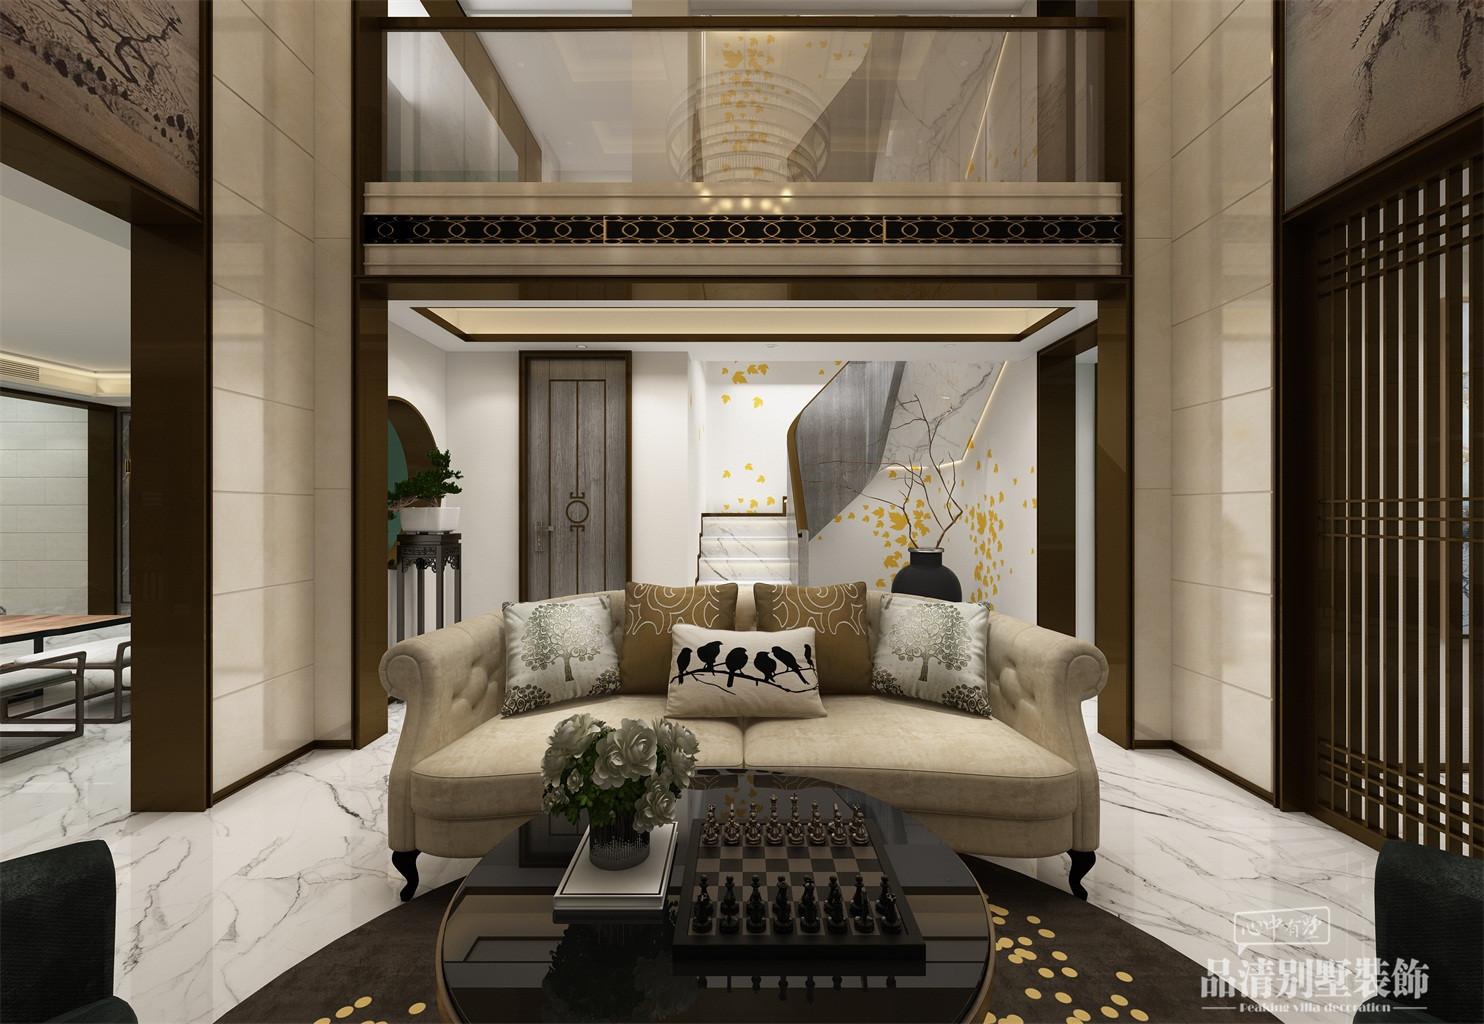 无锡别墅 别墅装修 别墅设计 新中式图片来自别墅装修设计师在品味宅间,古色而不古板的新中式的分享